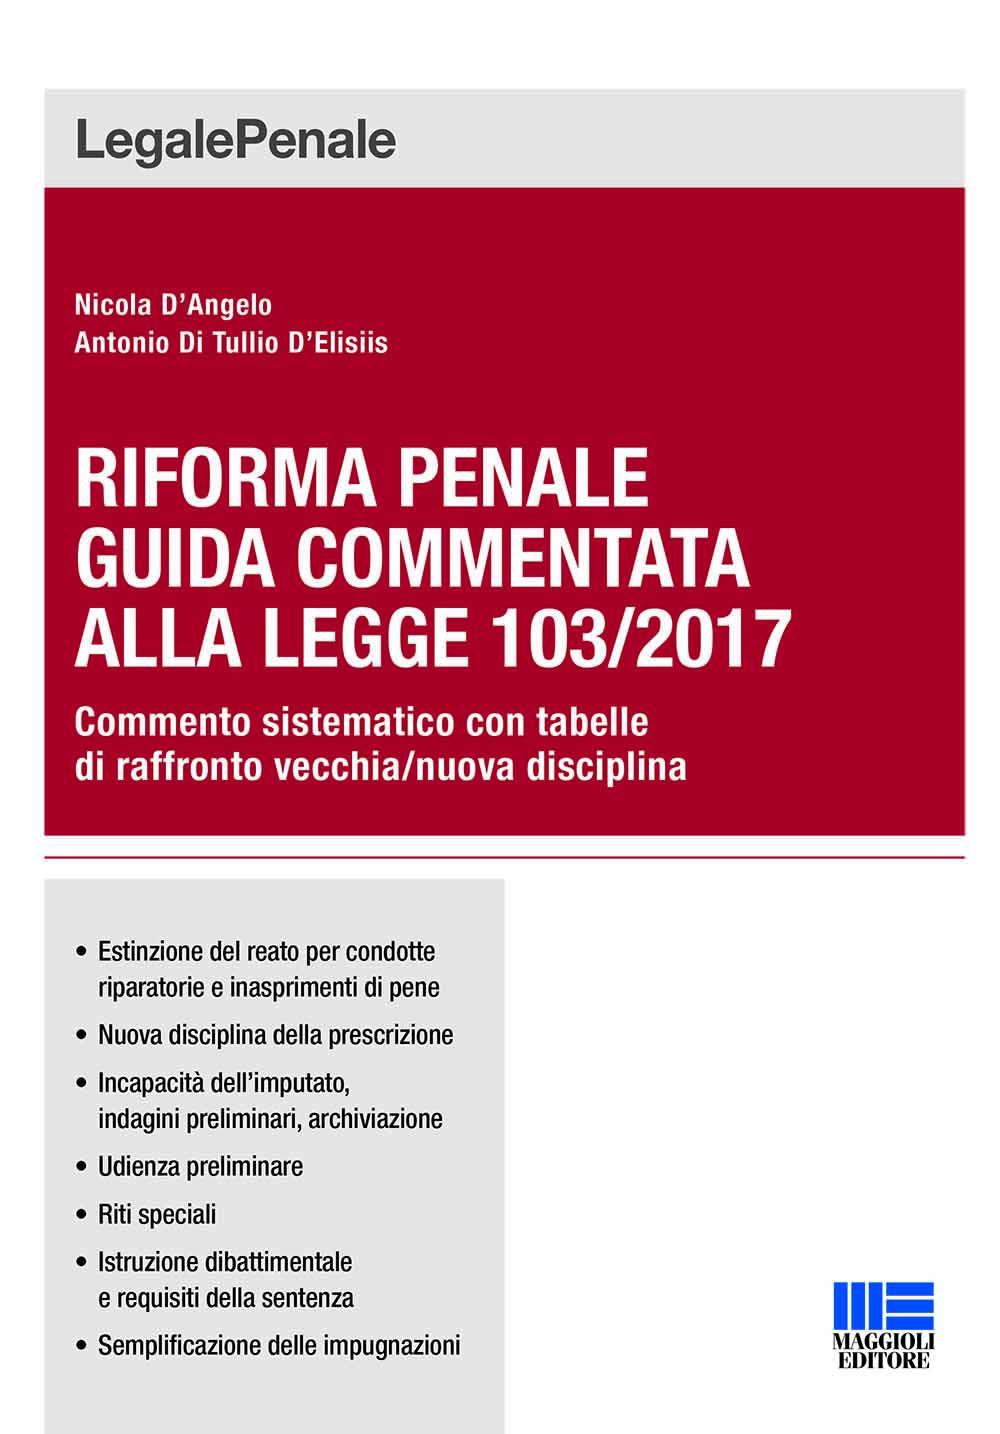 Riforma penale guida commentata alla Legge 103/2017